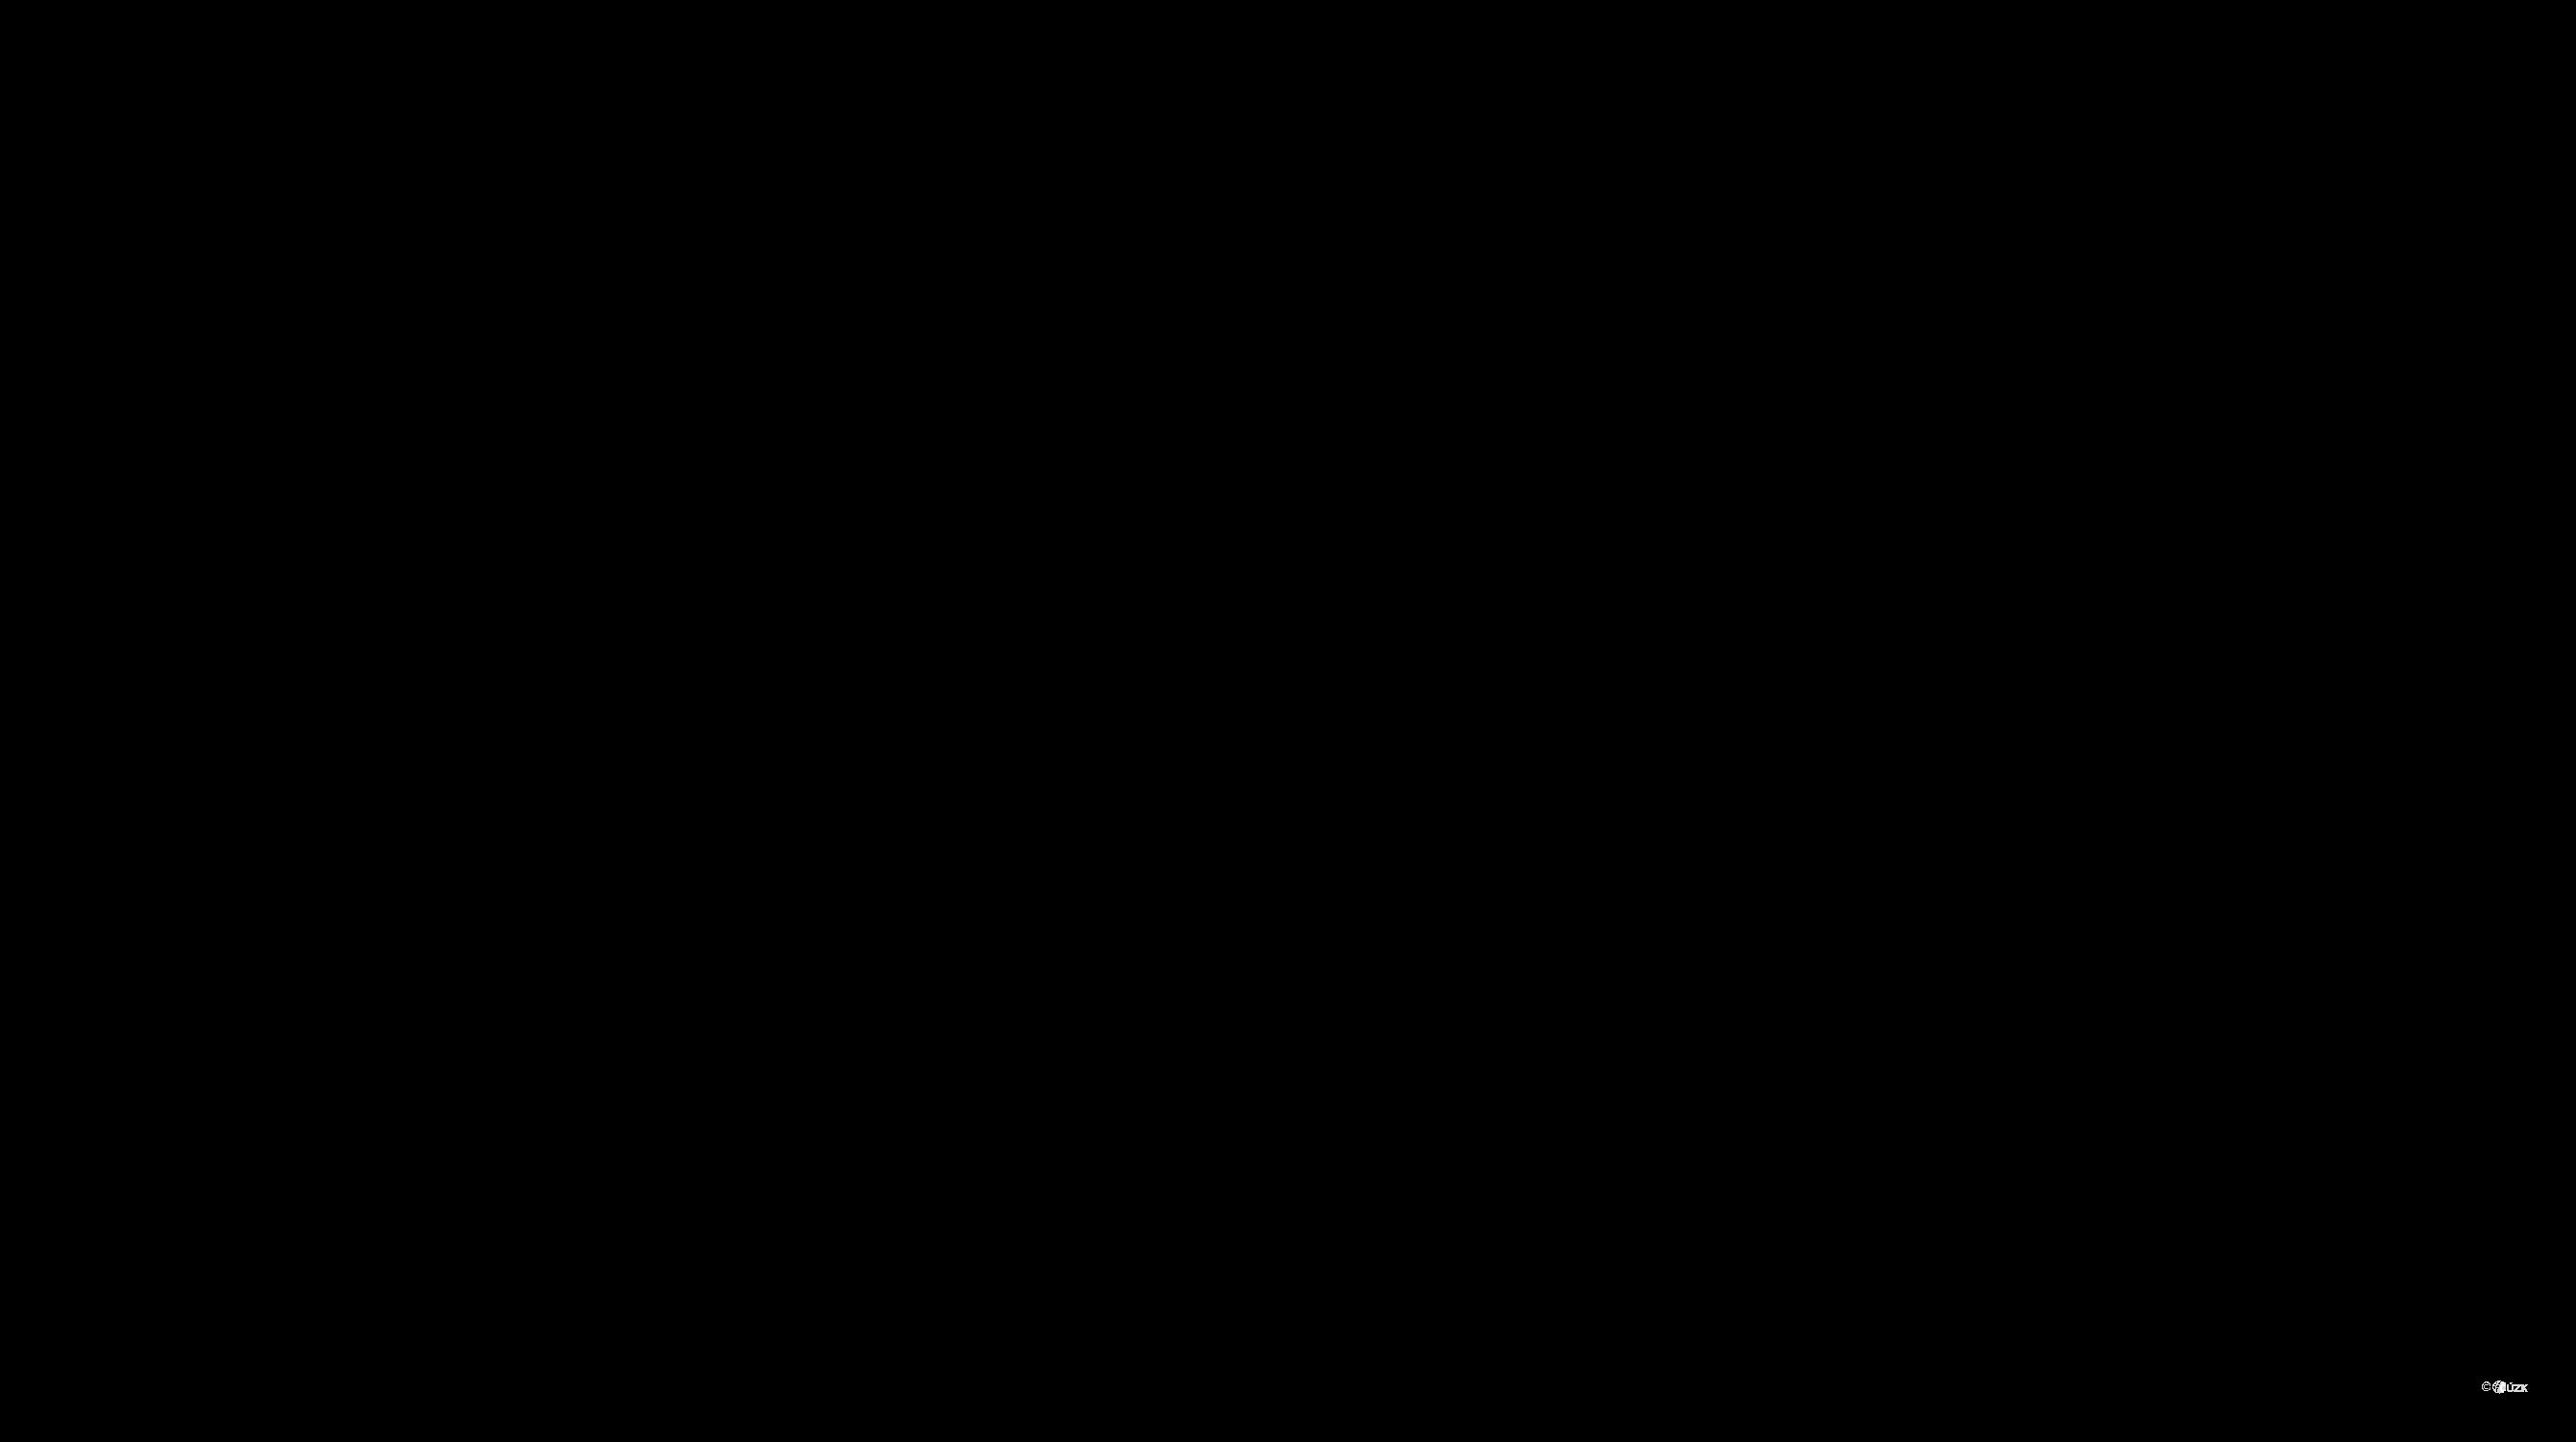 Katastrální mapa pozemků a čísla parcel Žďár v Podbezdězí